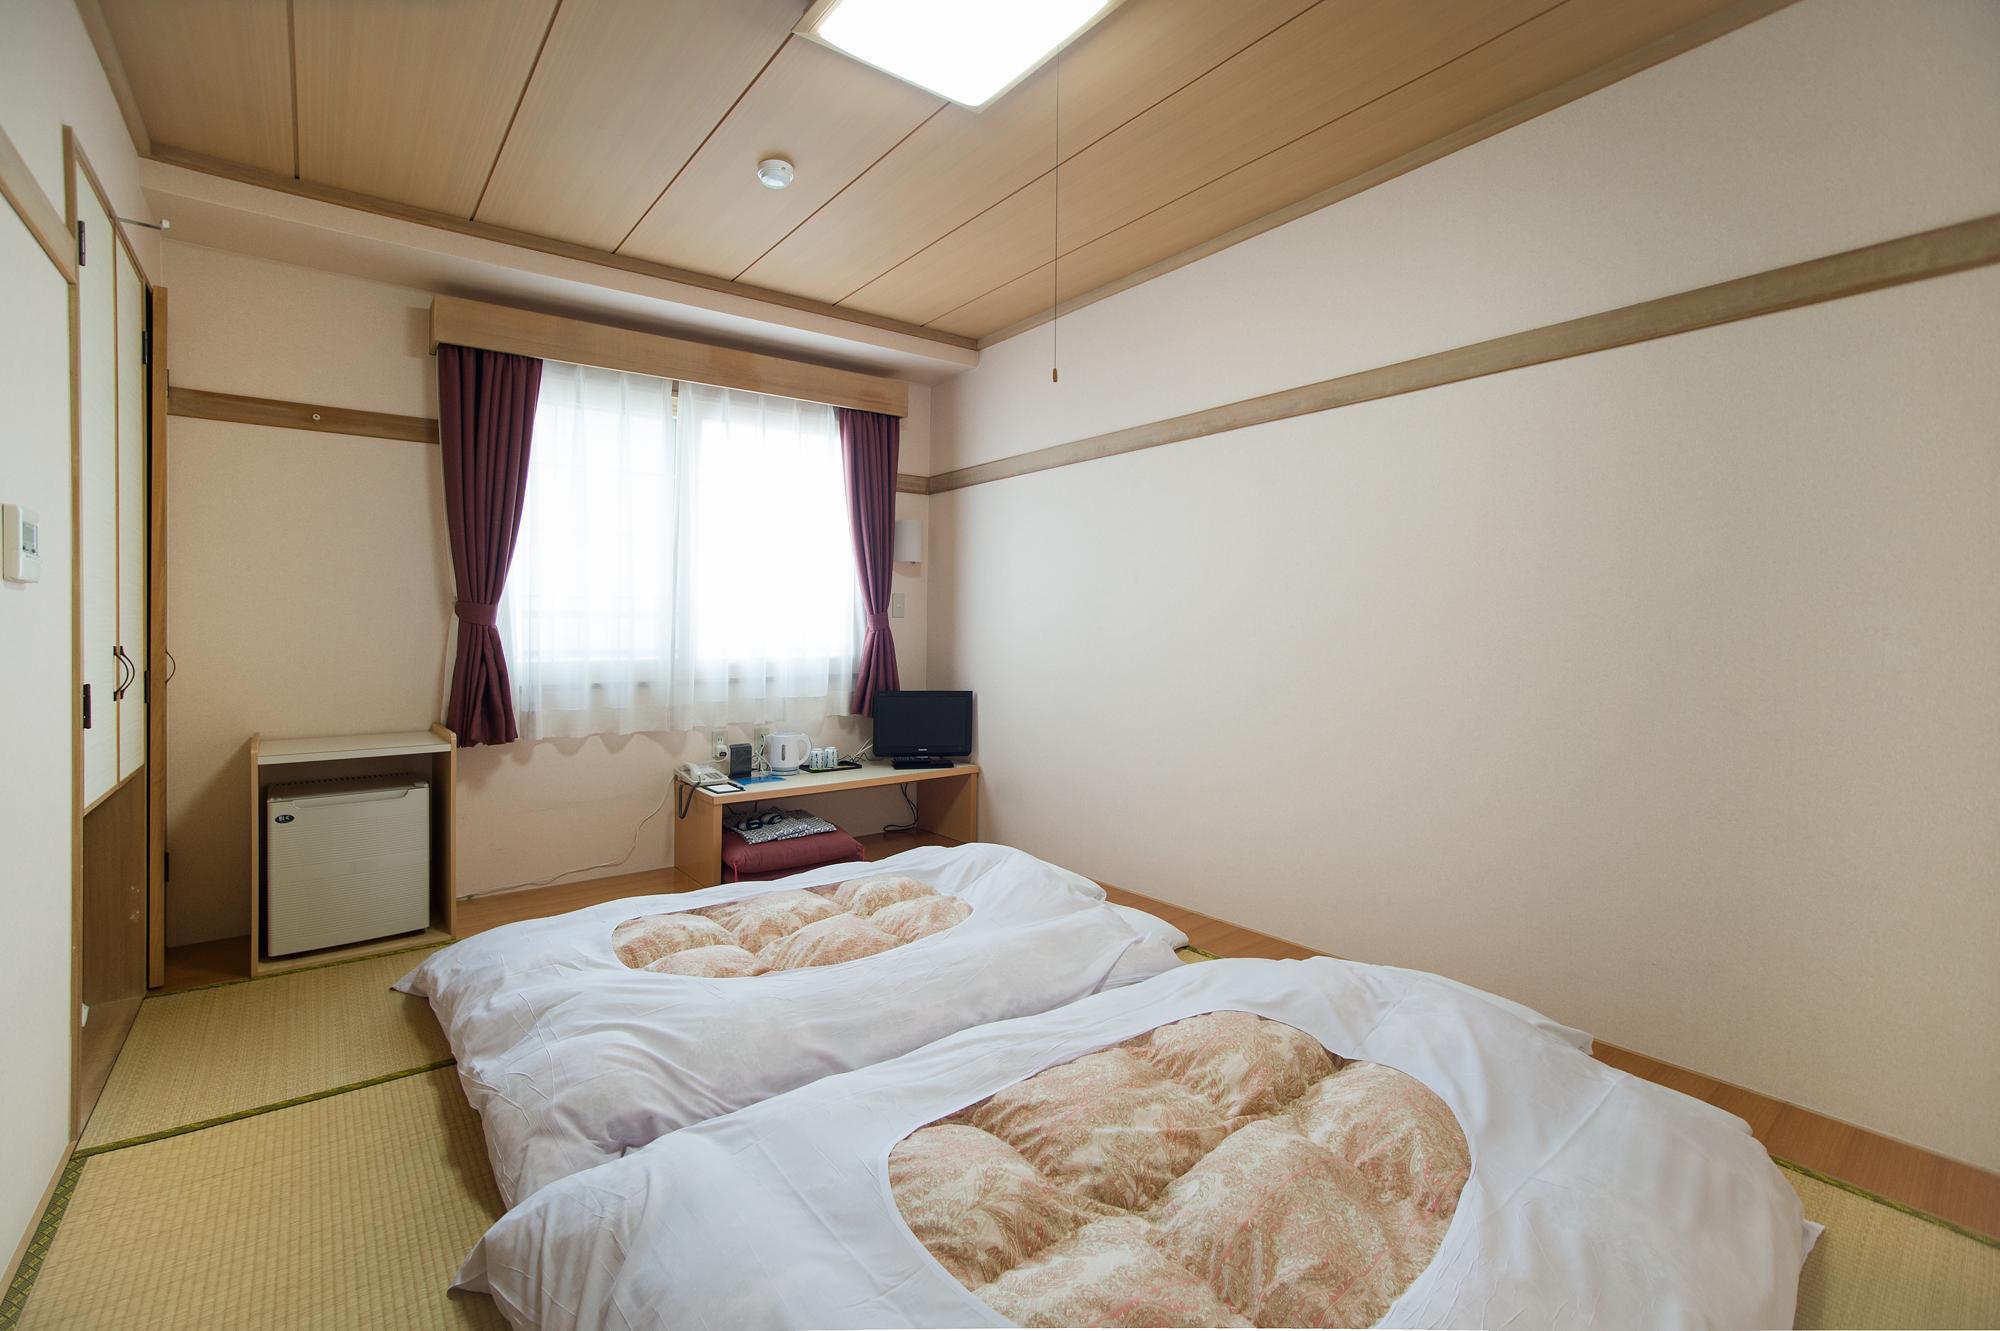 ホテルオールインステイ函館 image